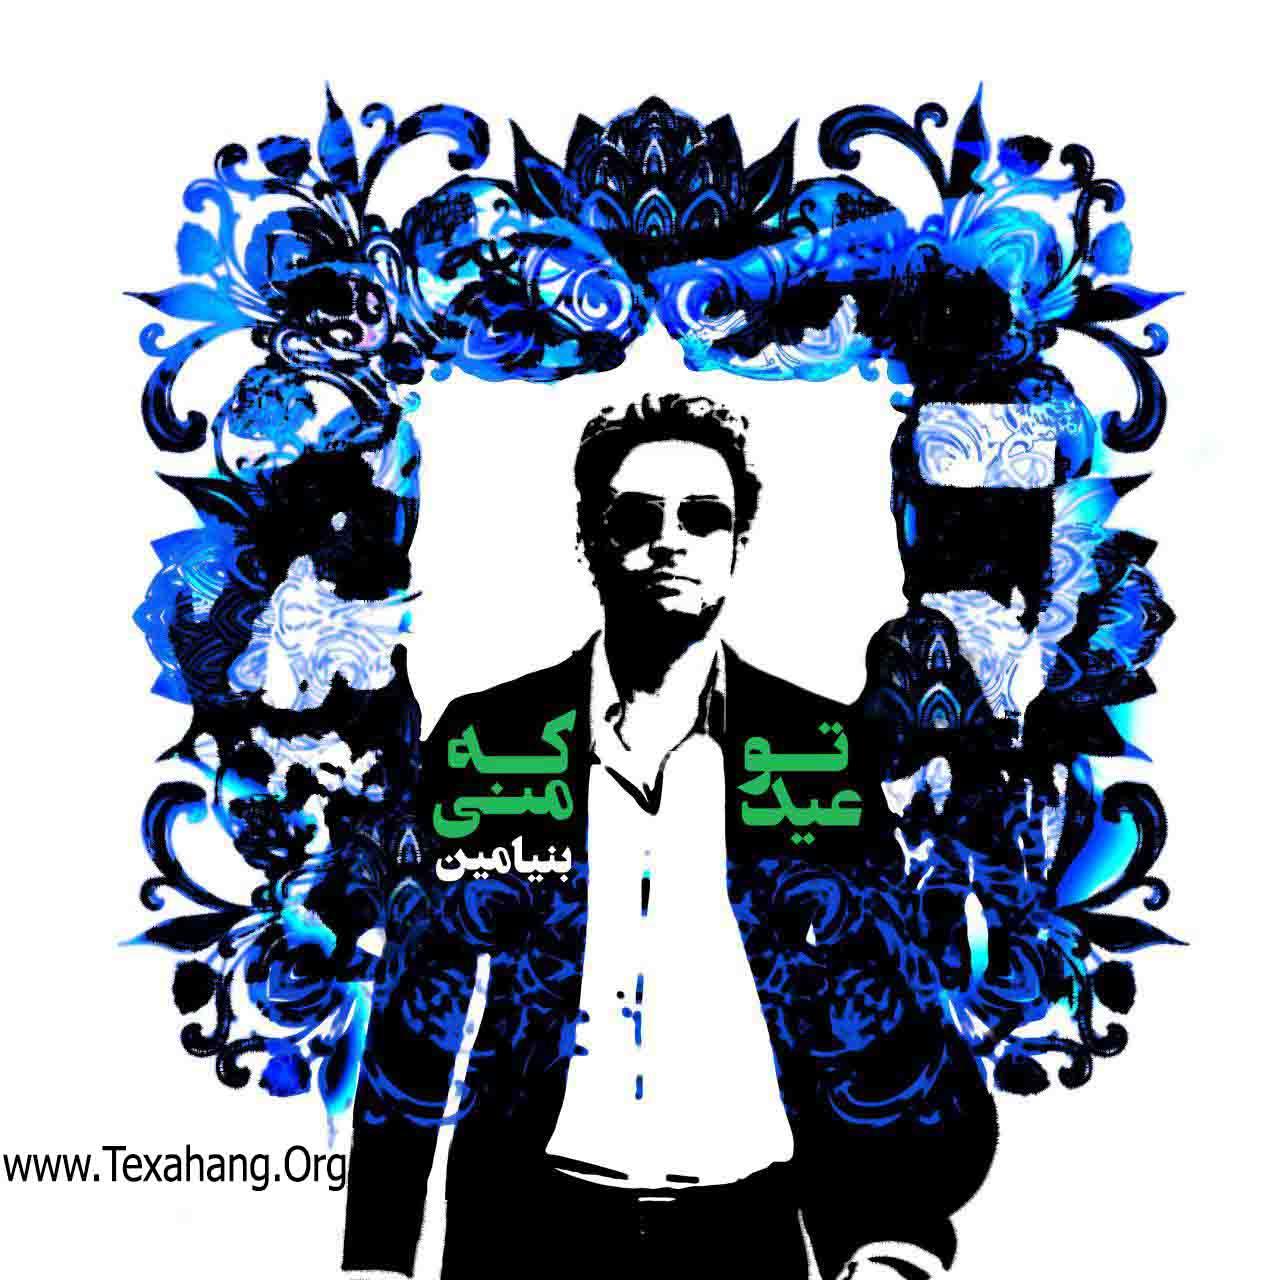 متن آهنگ جدید بنیامین بهادری به نام تو که عید منی